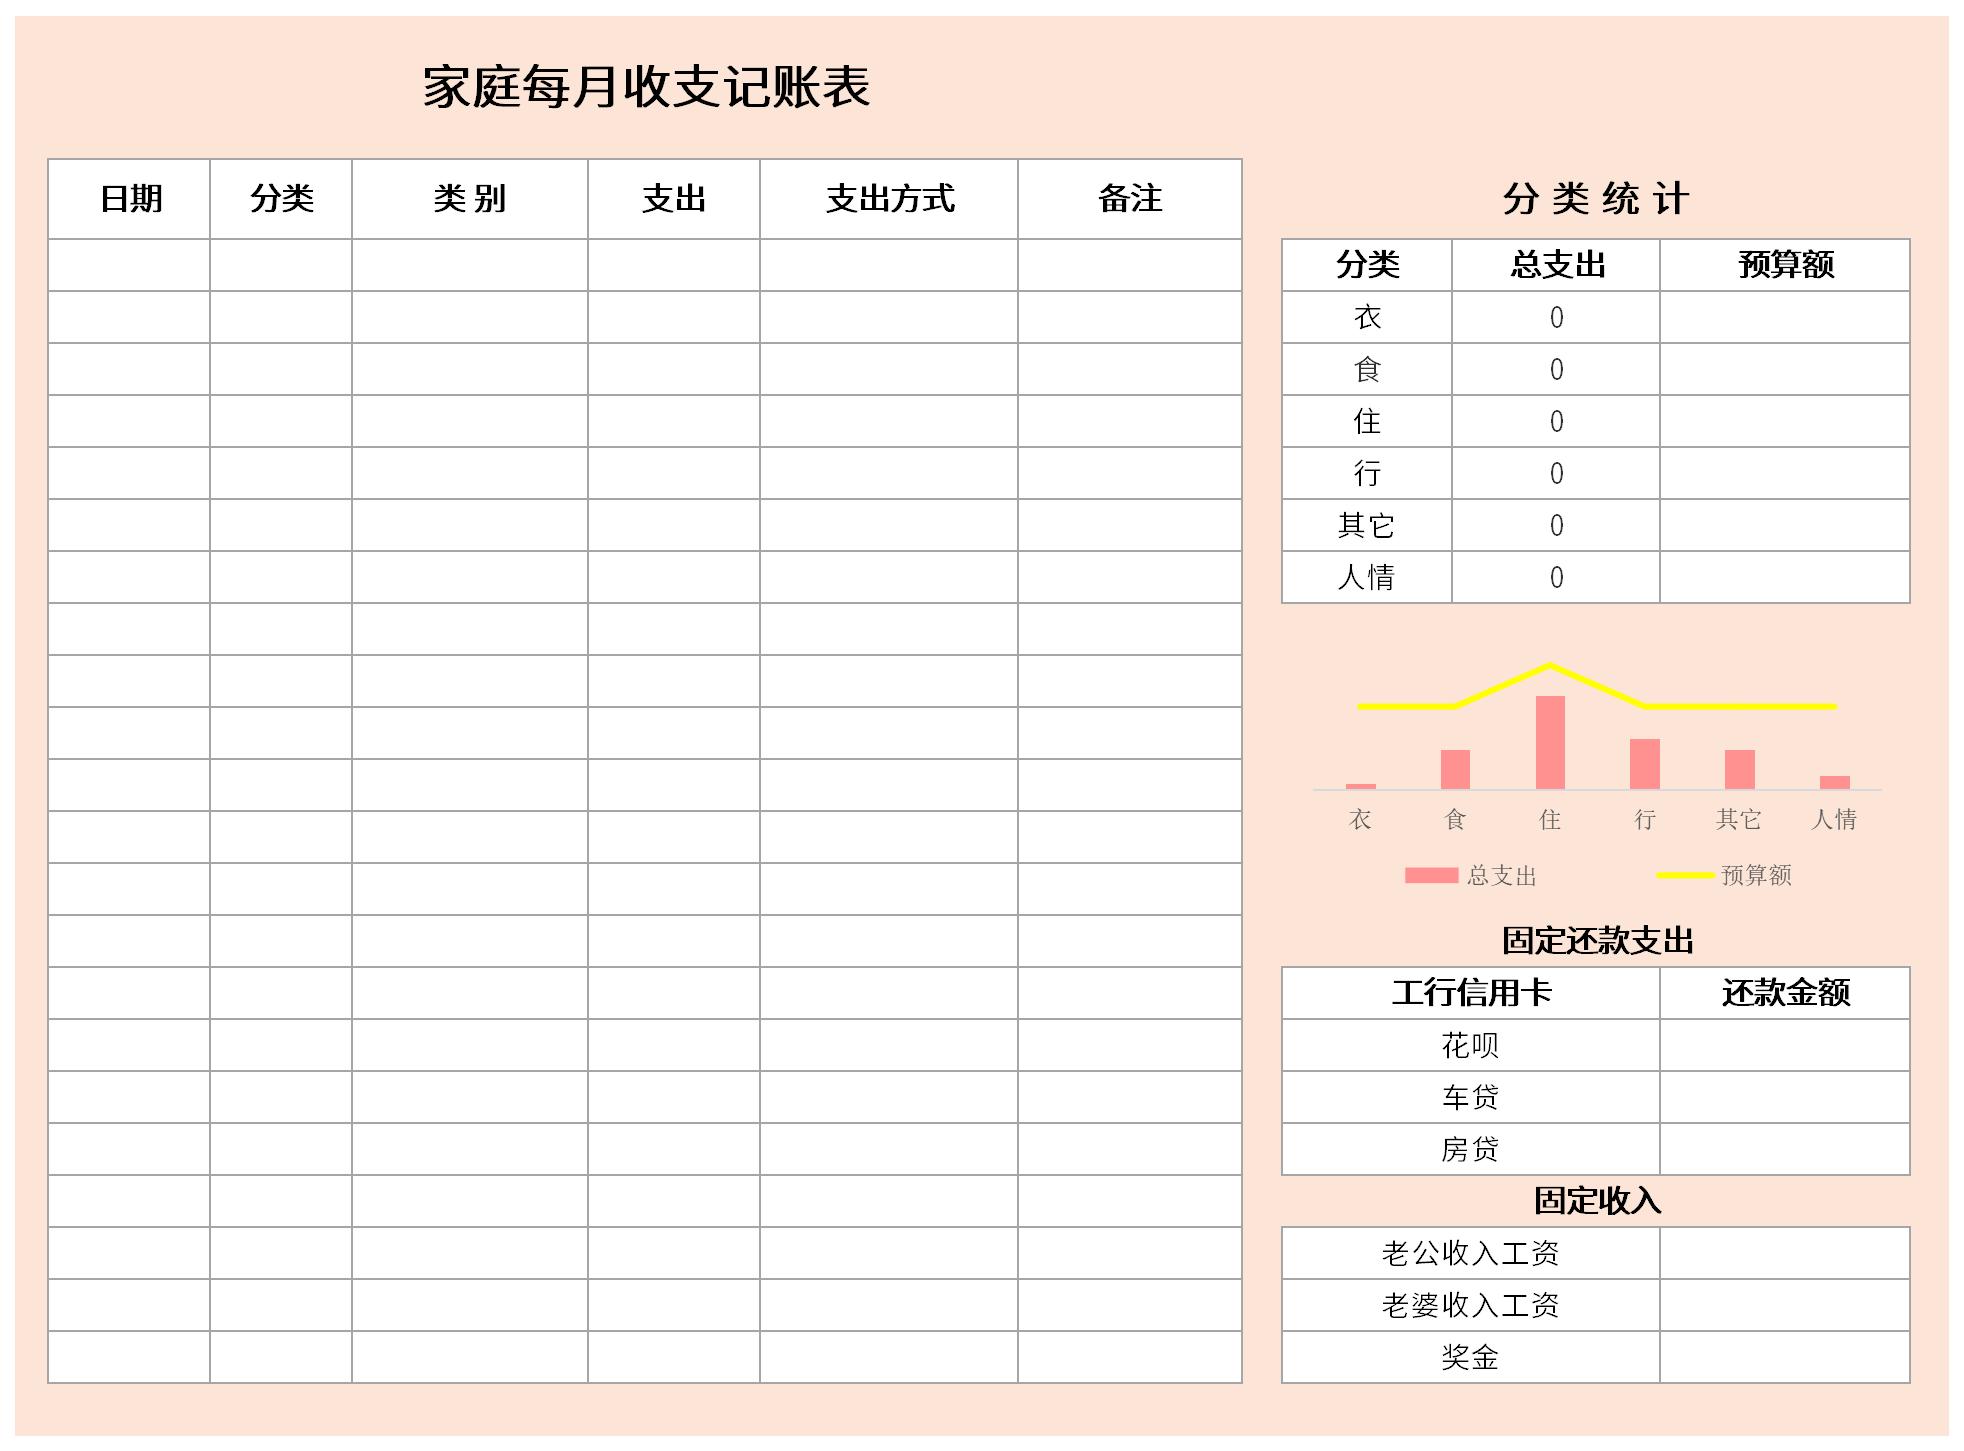 家庭每月收支记账表截图